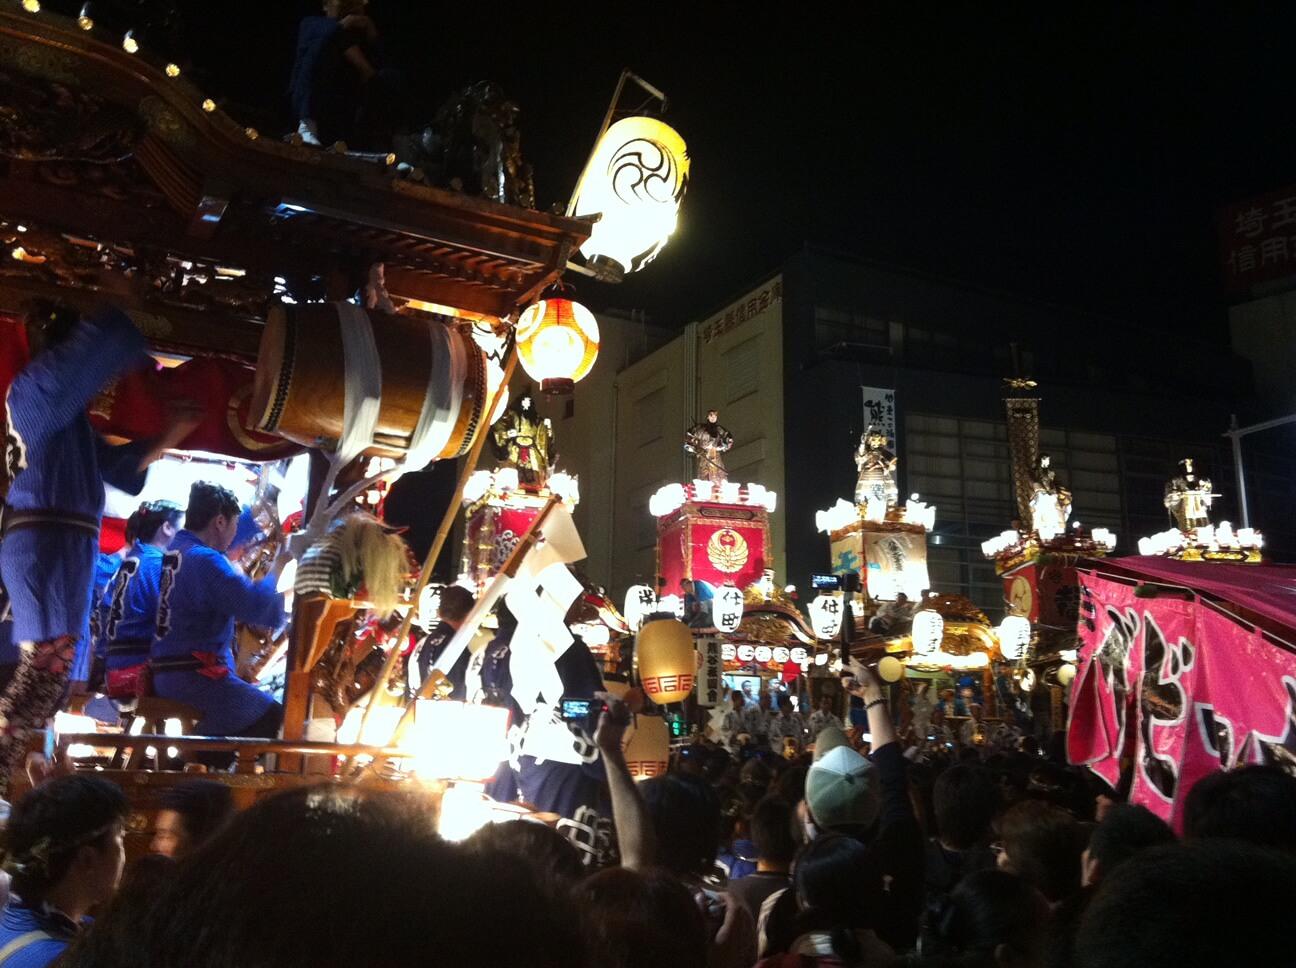 【ふるさと紹介】暑い町でのアツイお祭り!